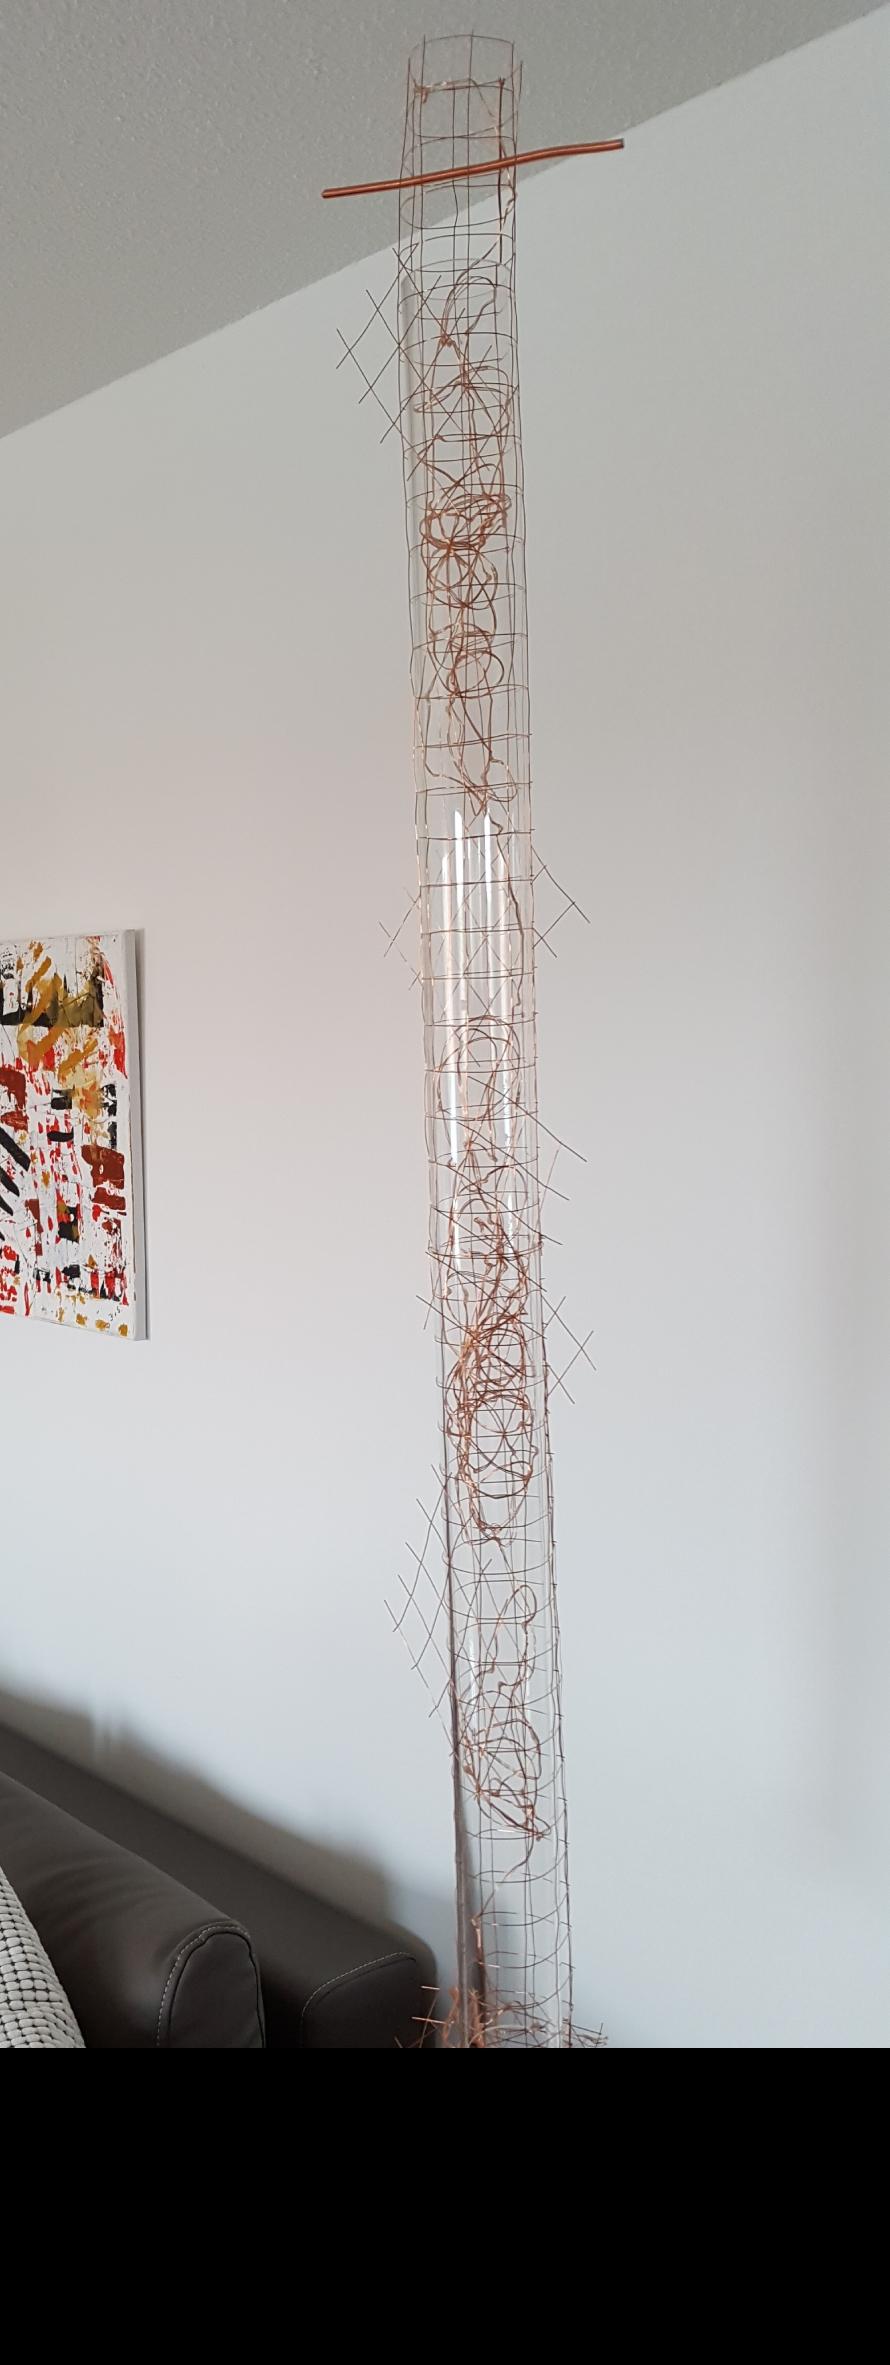 Metallic hang on   Acrylzylinder/ Kupferdraht   115 x 6 x 16  LED